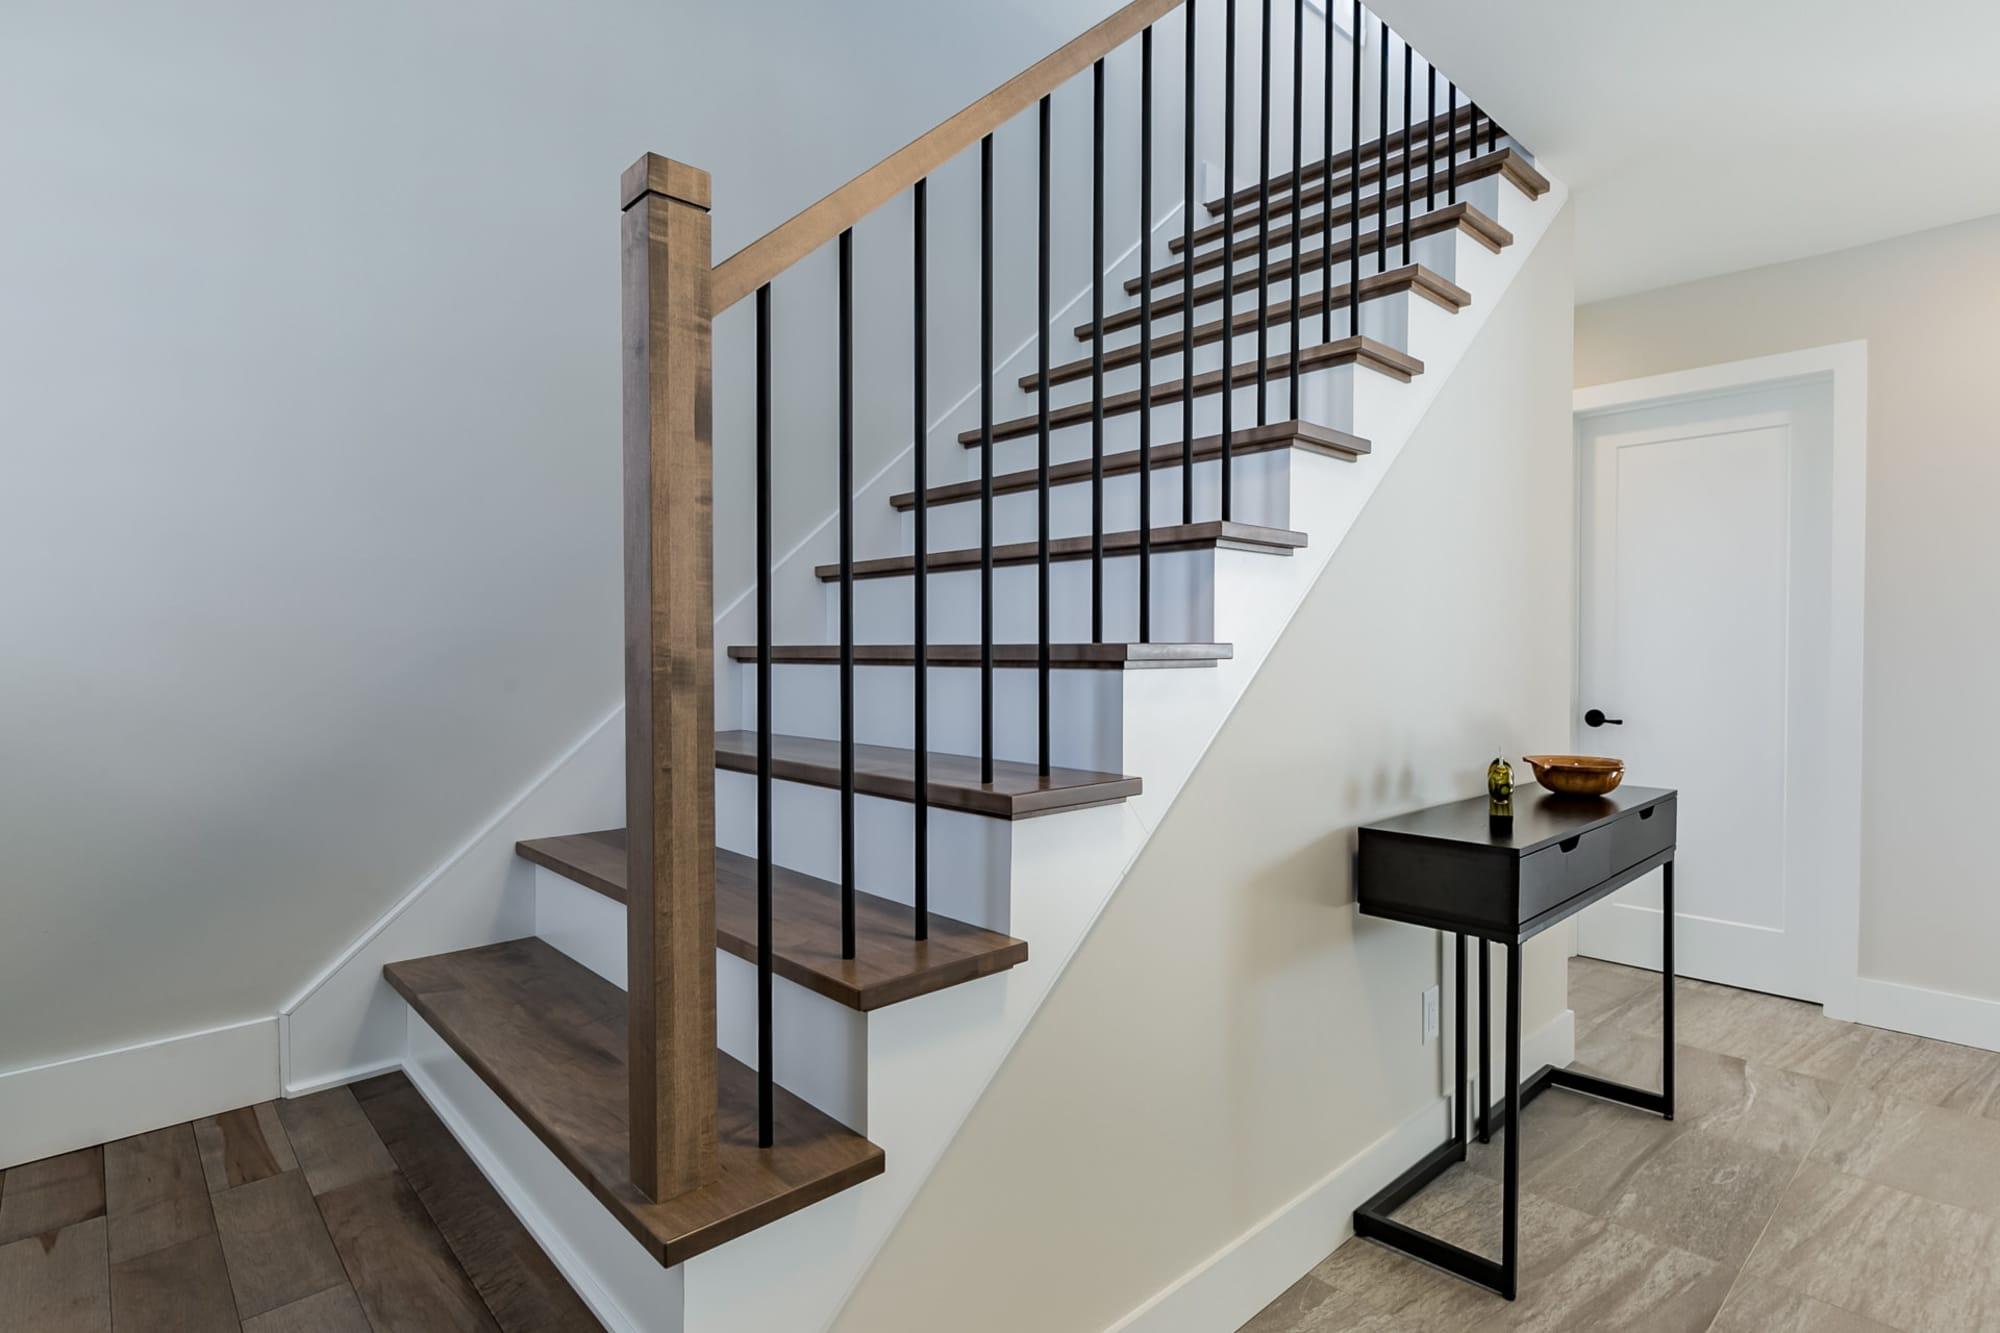 escalier en bois brun pâle nouvellement rénové